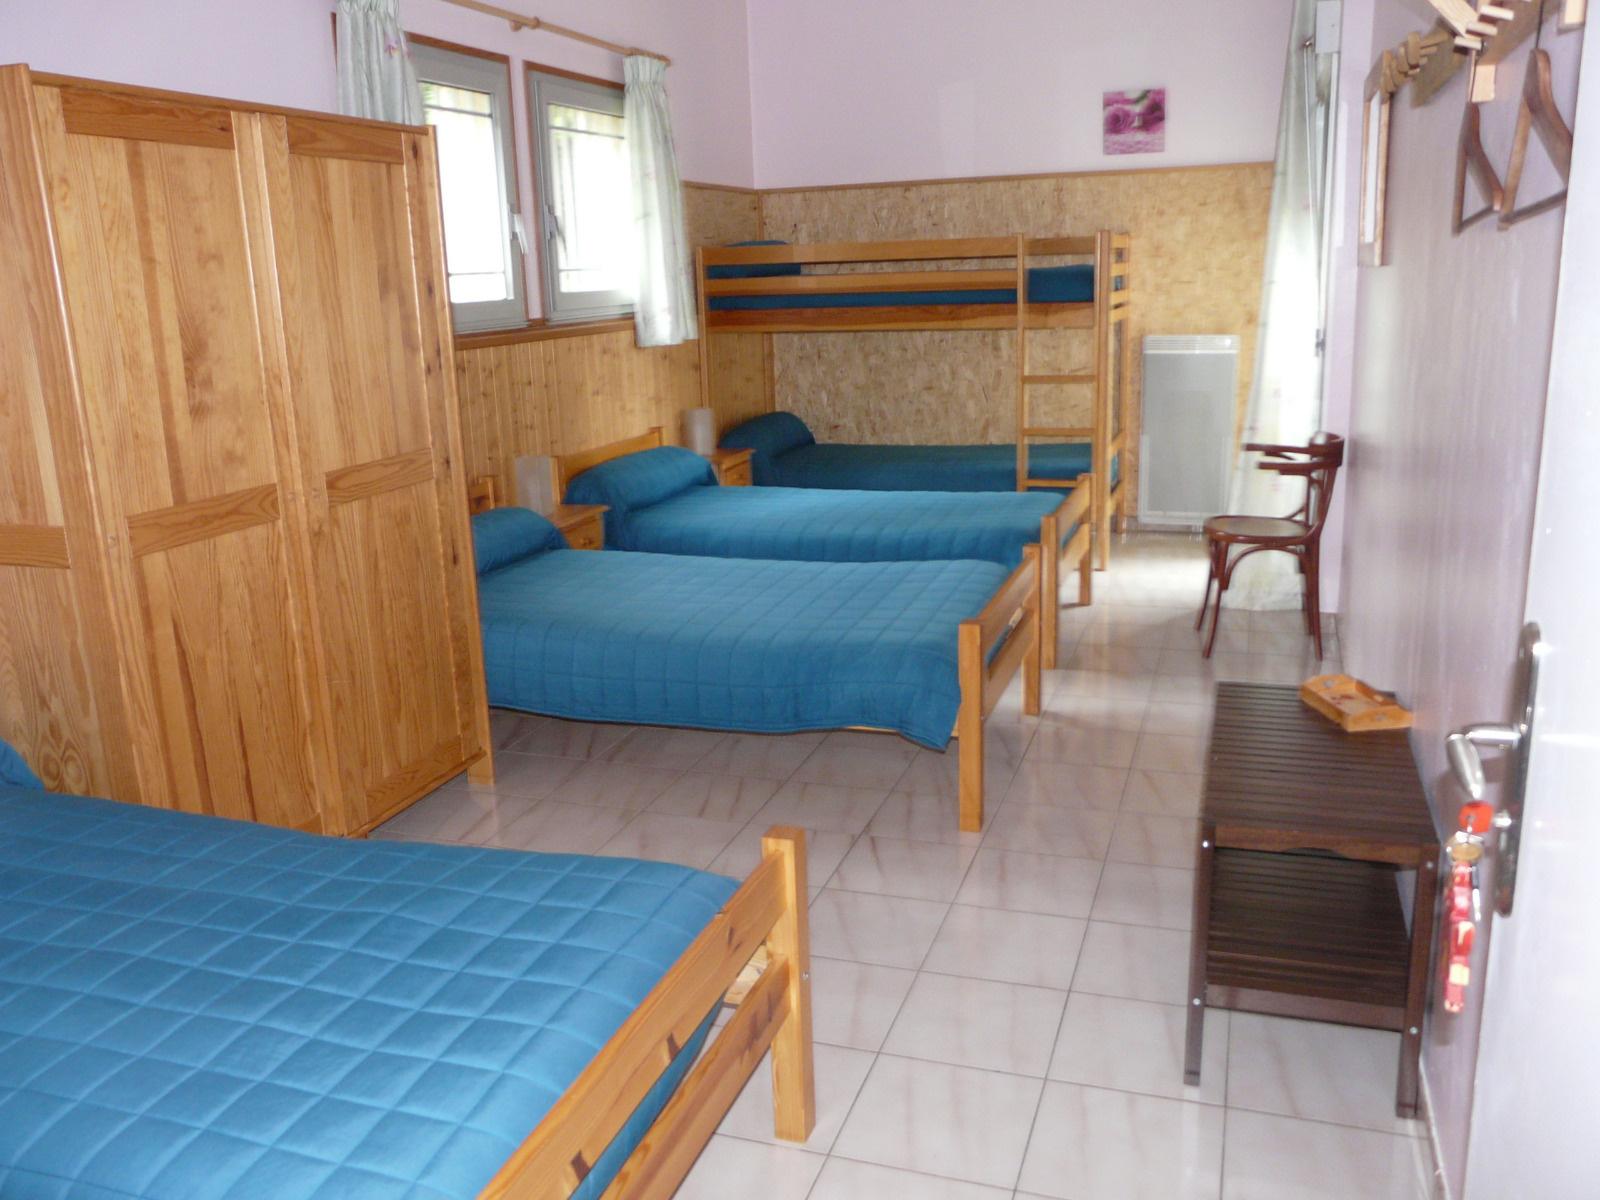 vente font romeu chalet usage de chambres d 39 h tes ou g te. Black Bedroom Furniture Sets. Home Design Ideas